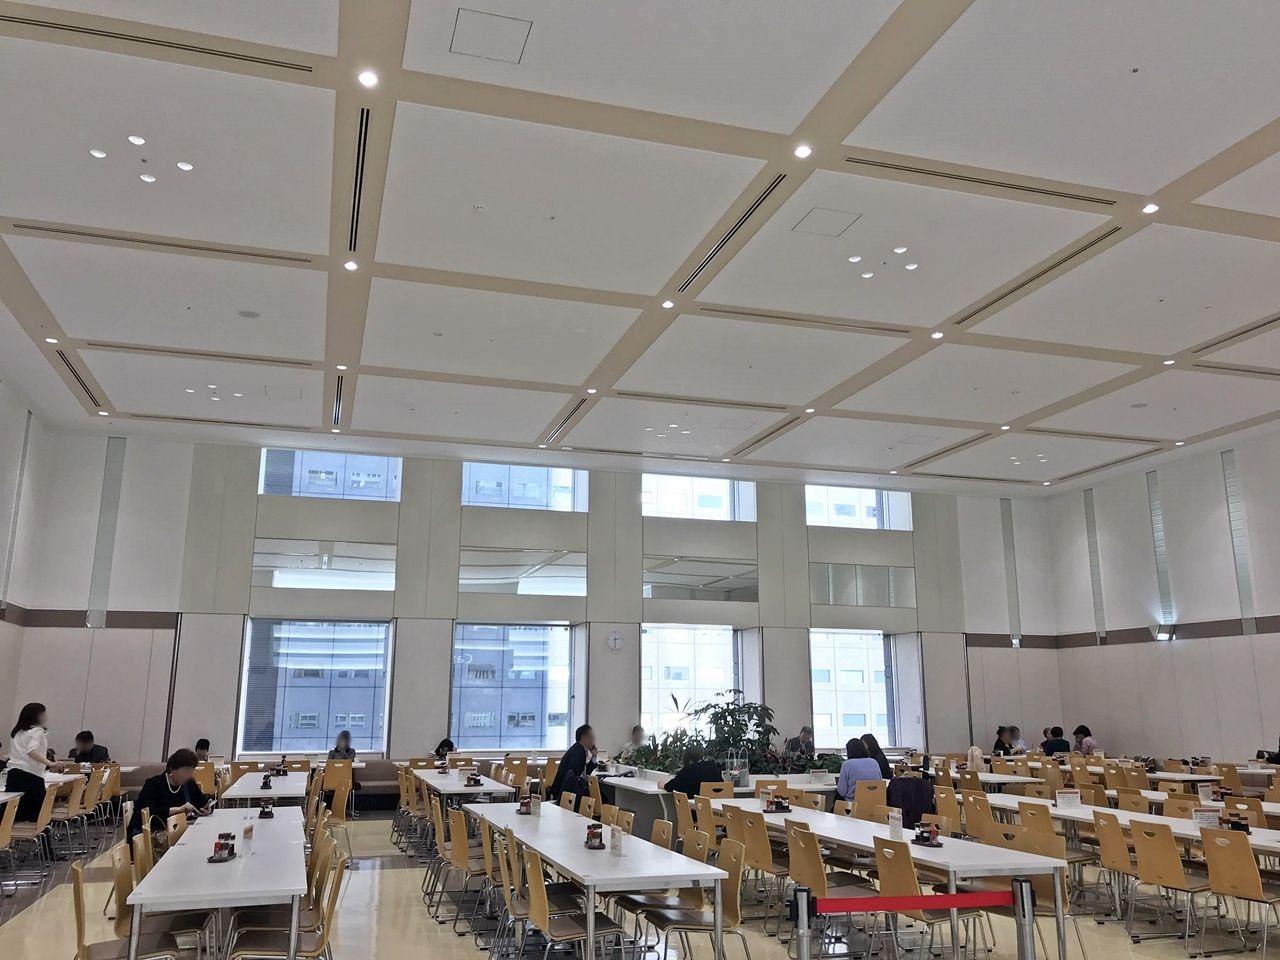 もうひとつの食堂スポット「第二本庁舎 4階職員食堂」